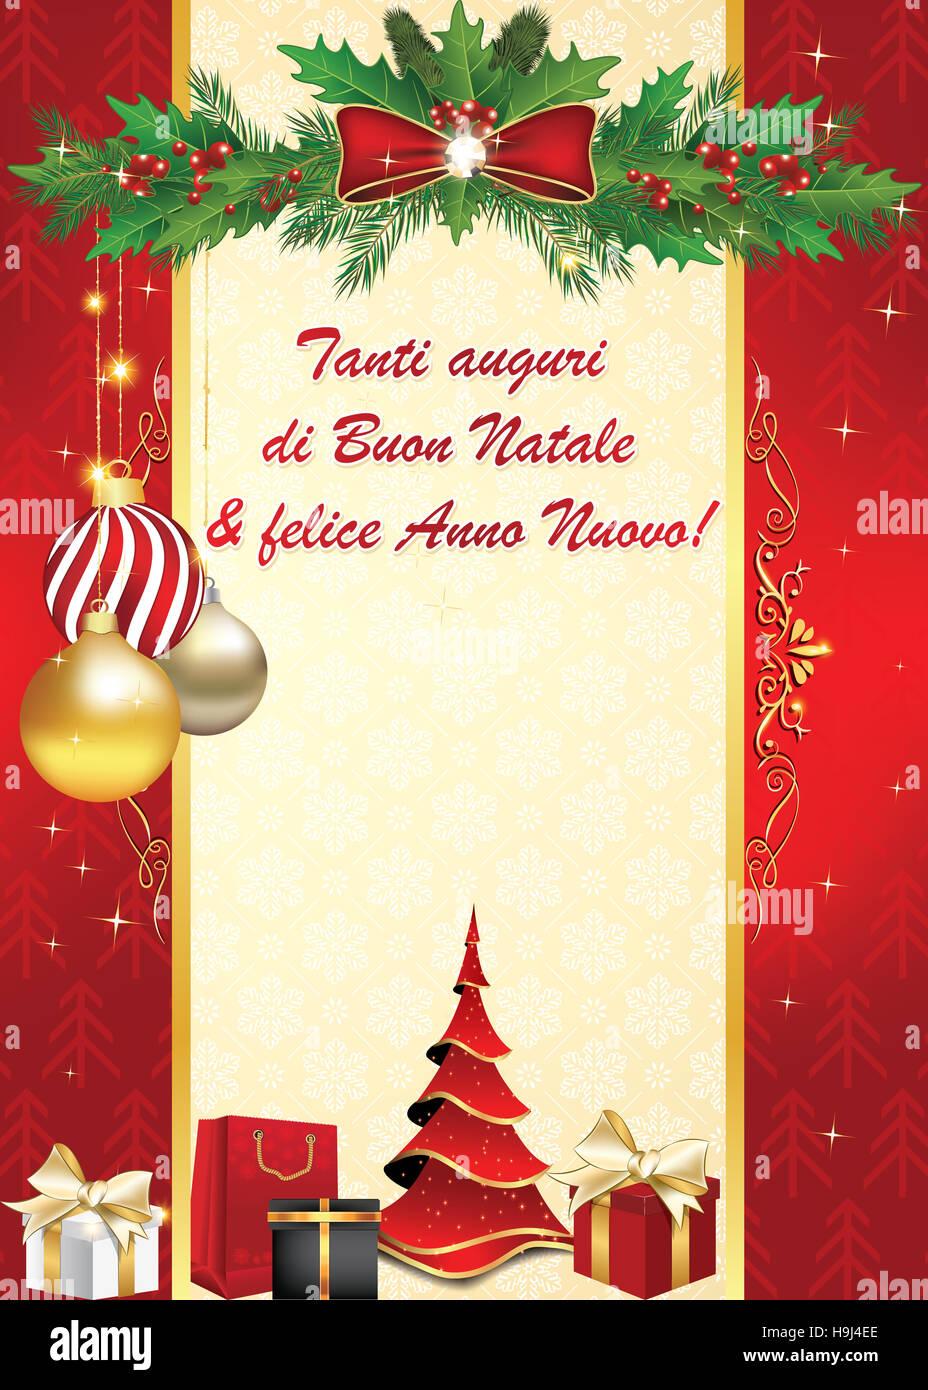 Auguri Di Buon Natale E Buon Anno.Tanti Auguri Di Buon Natale E Felice Anno Nuovo Biglietto D